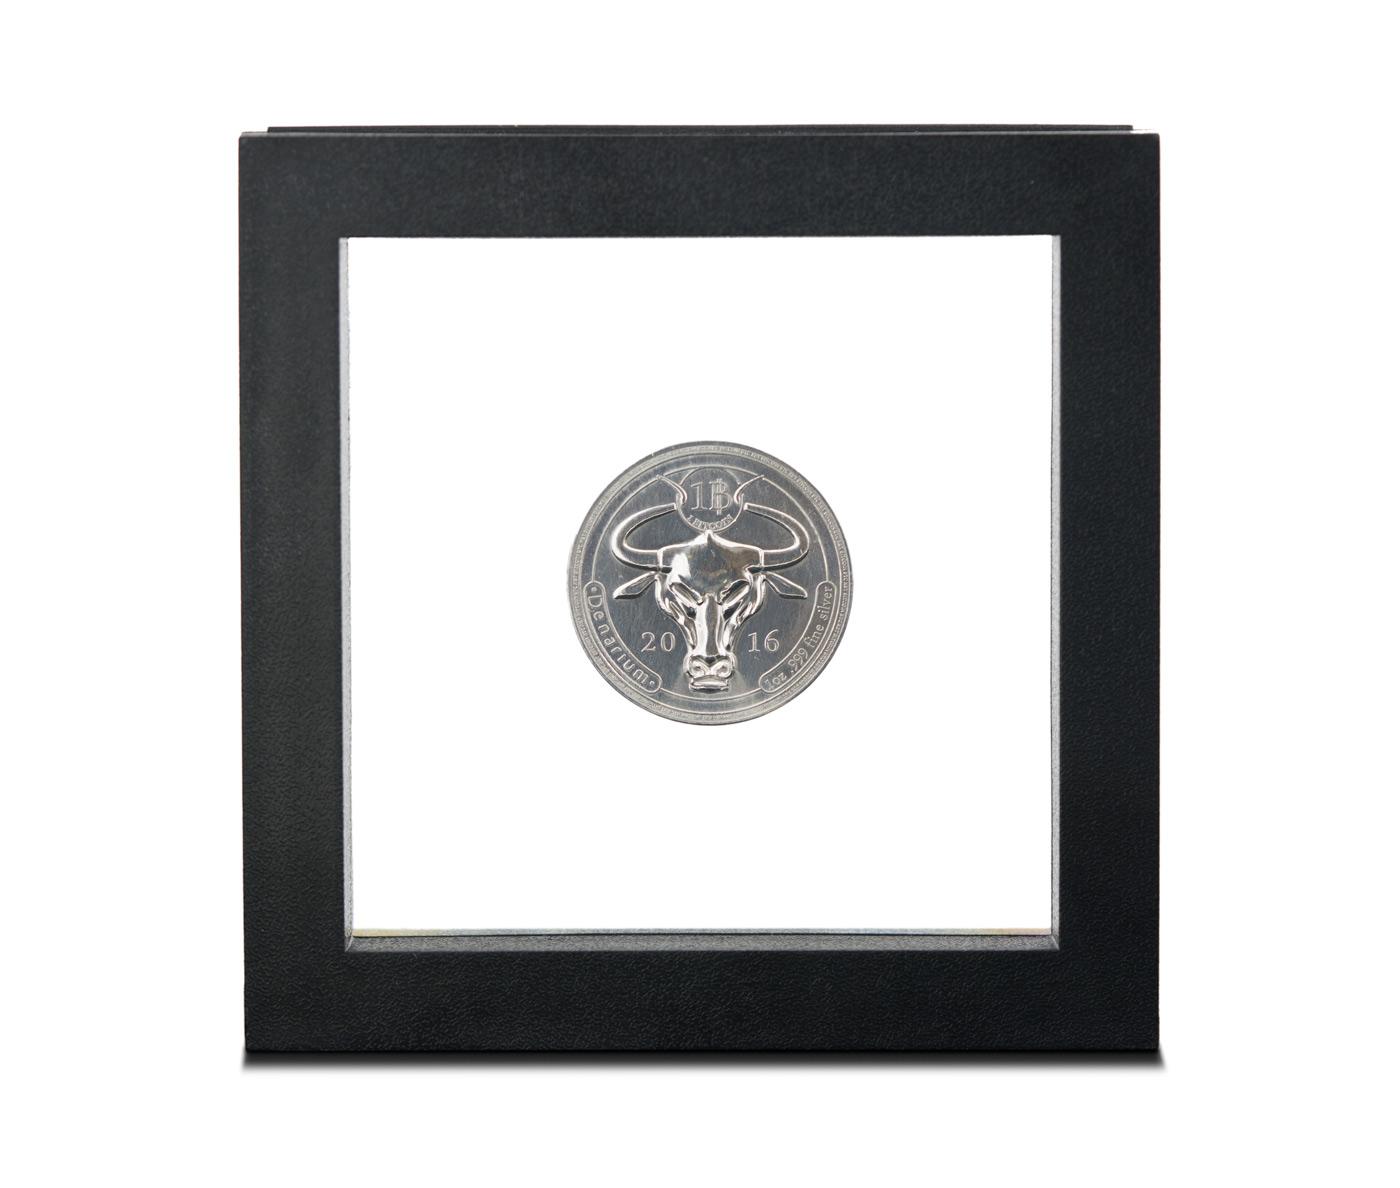 Coin box 2 denarium bitcoin denarium coinbox 2 buycottarizona Gallery